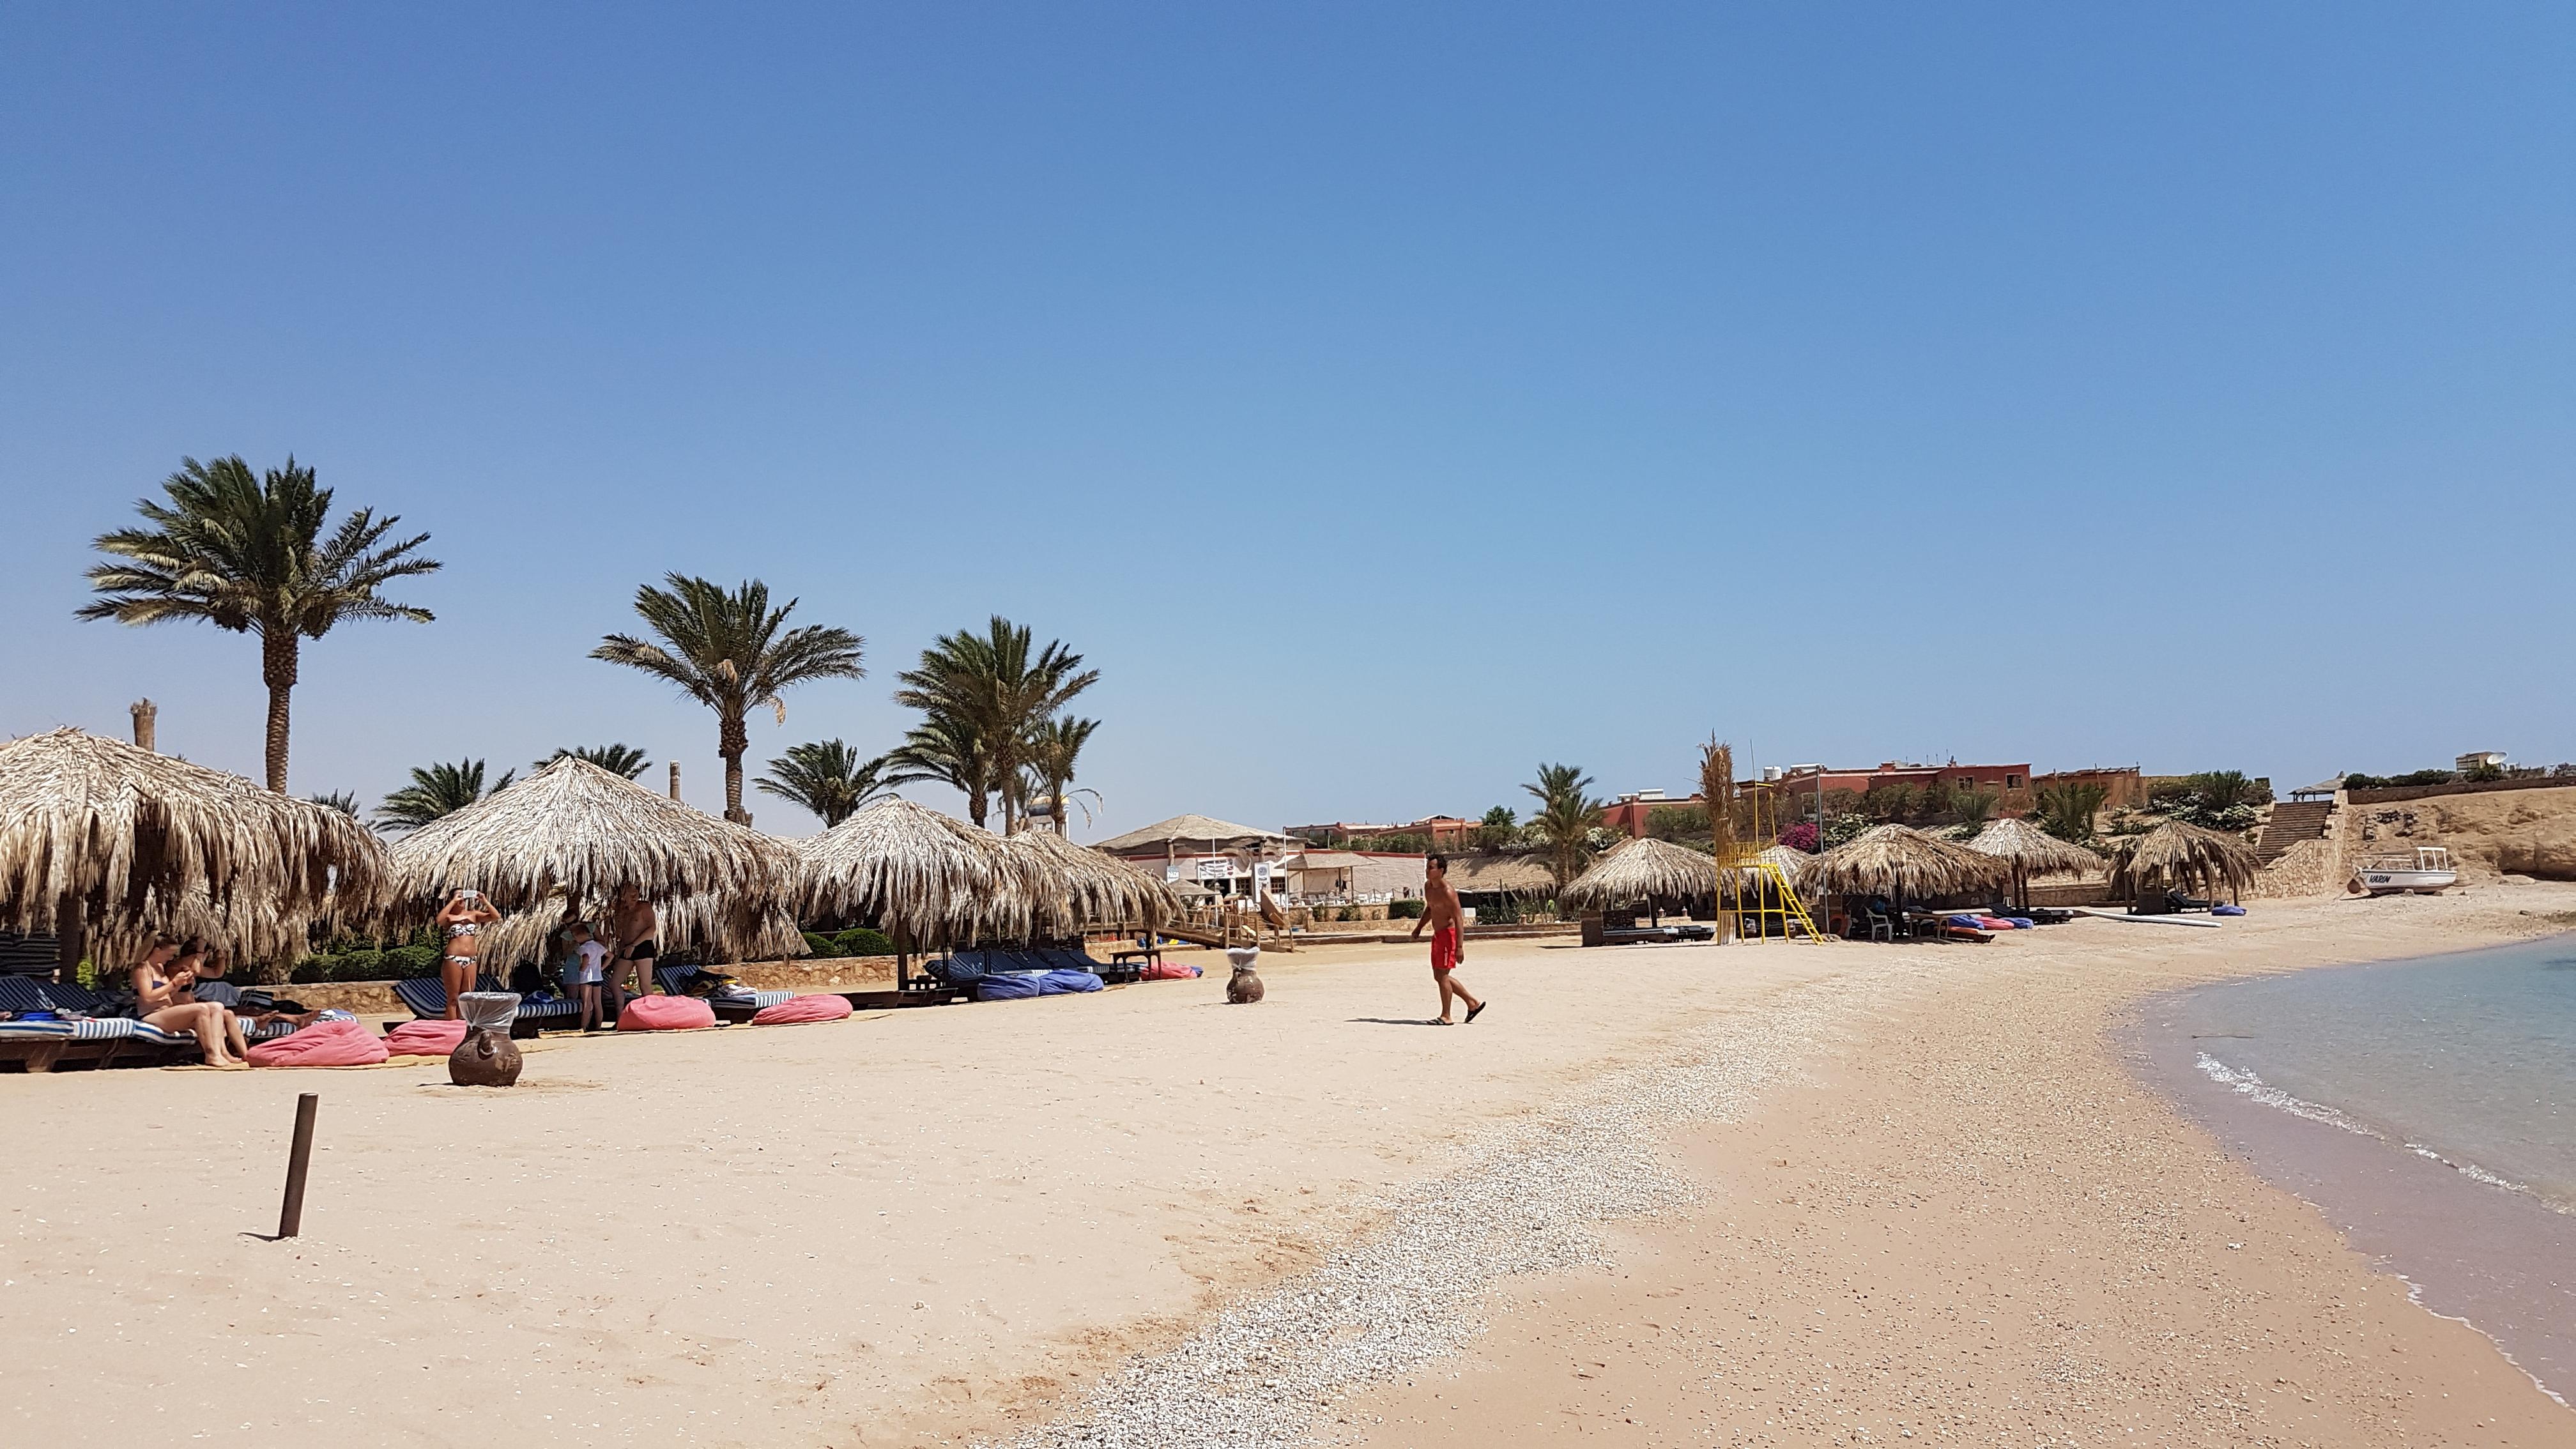 Schnorchelausflug zur Mahmya Insel ab Hurghada